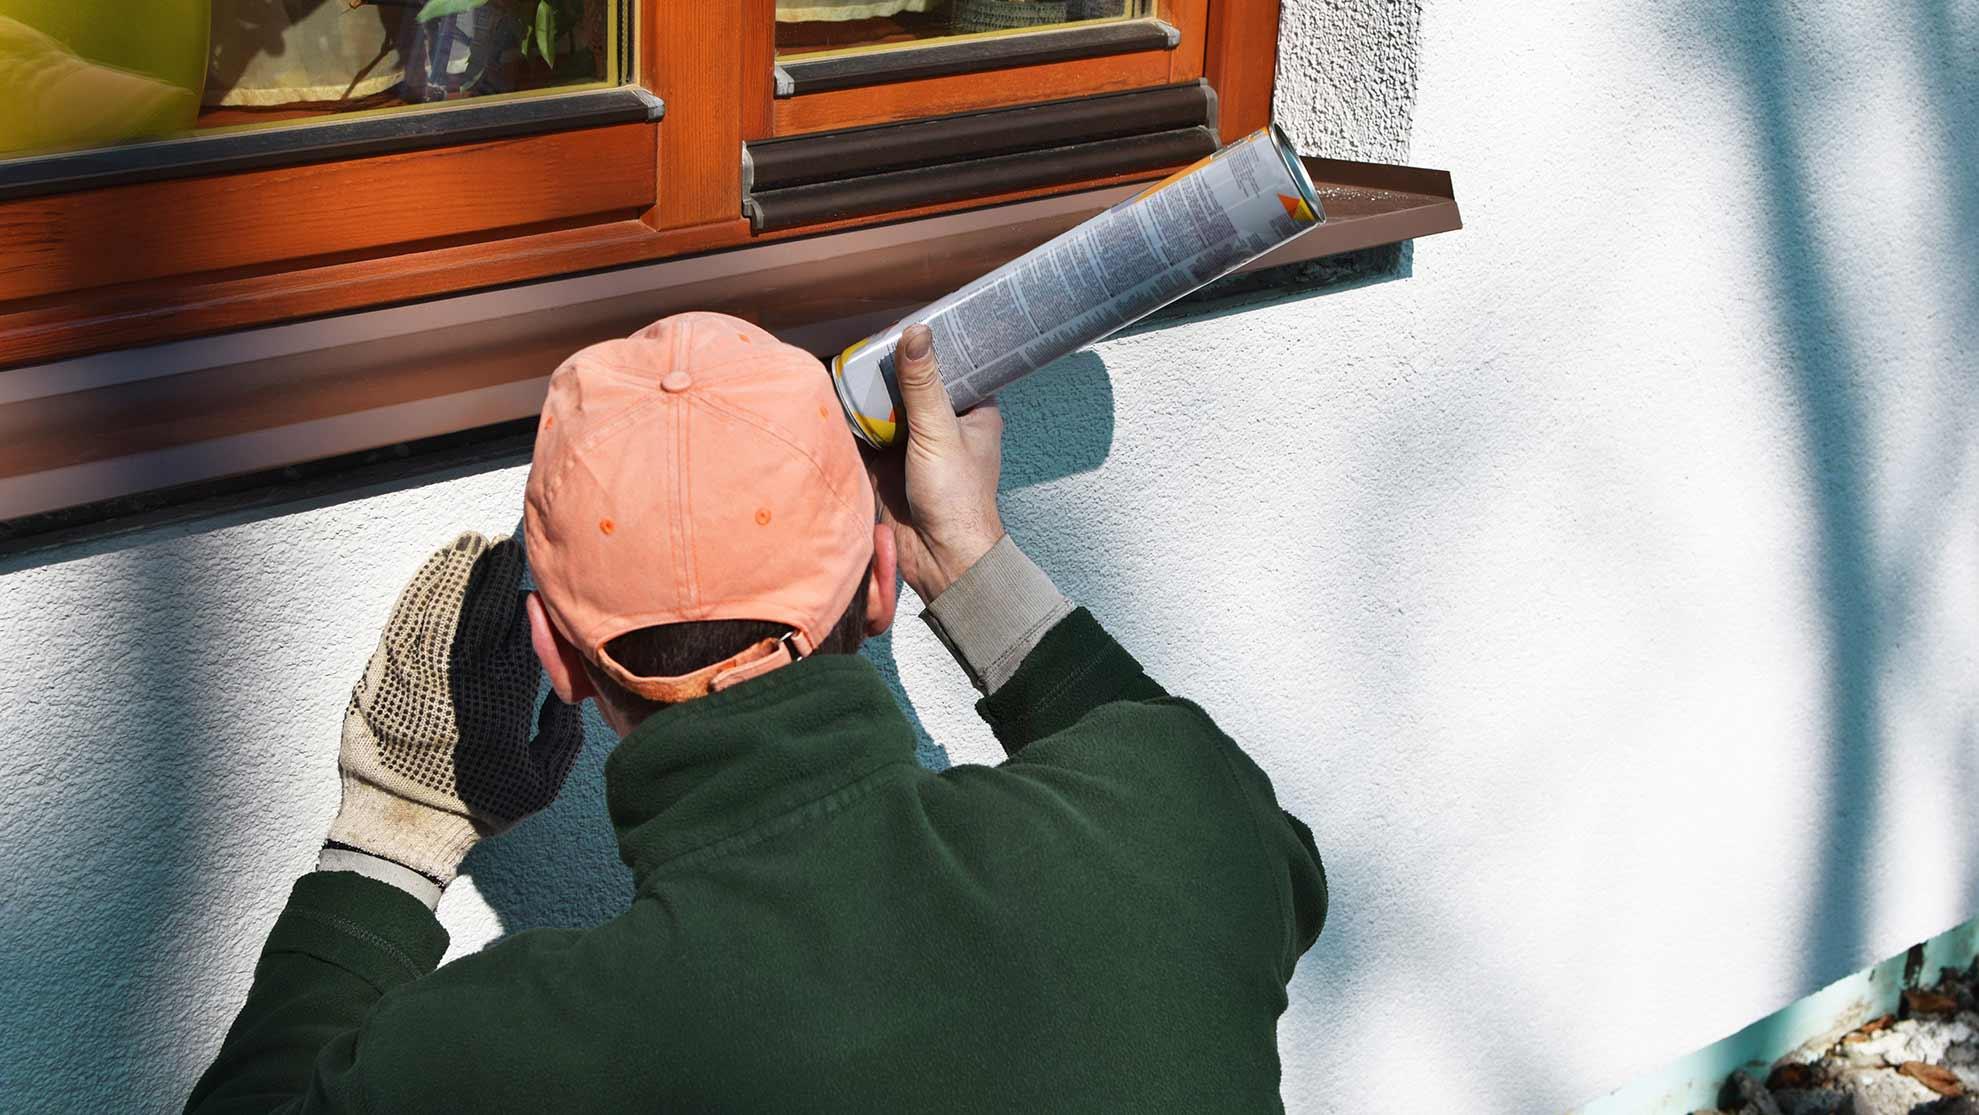 Monteur baut Fensterbank außen an